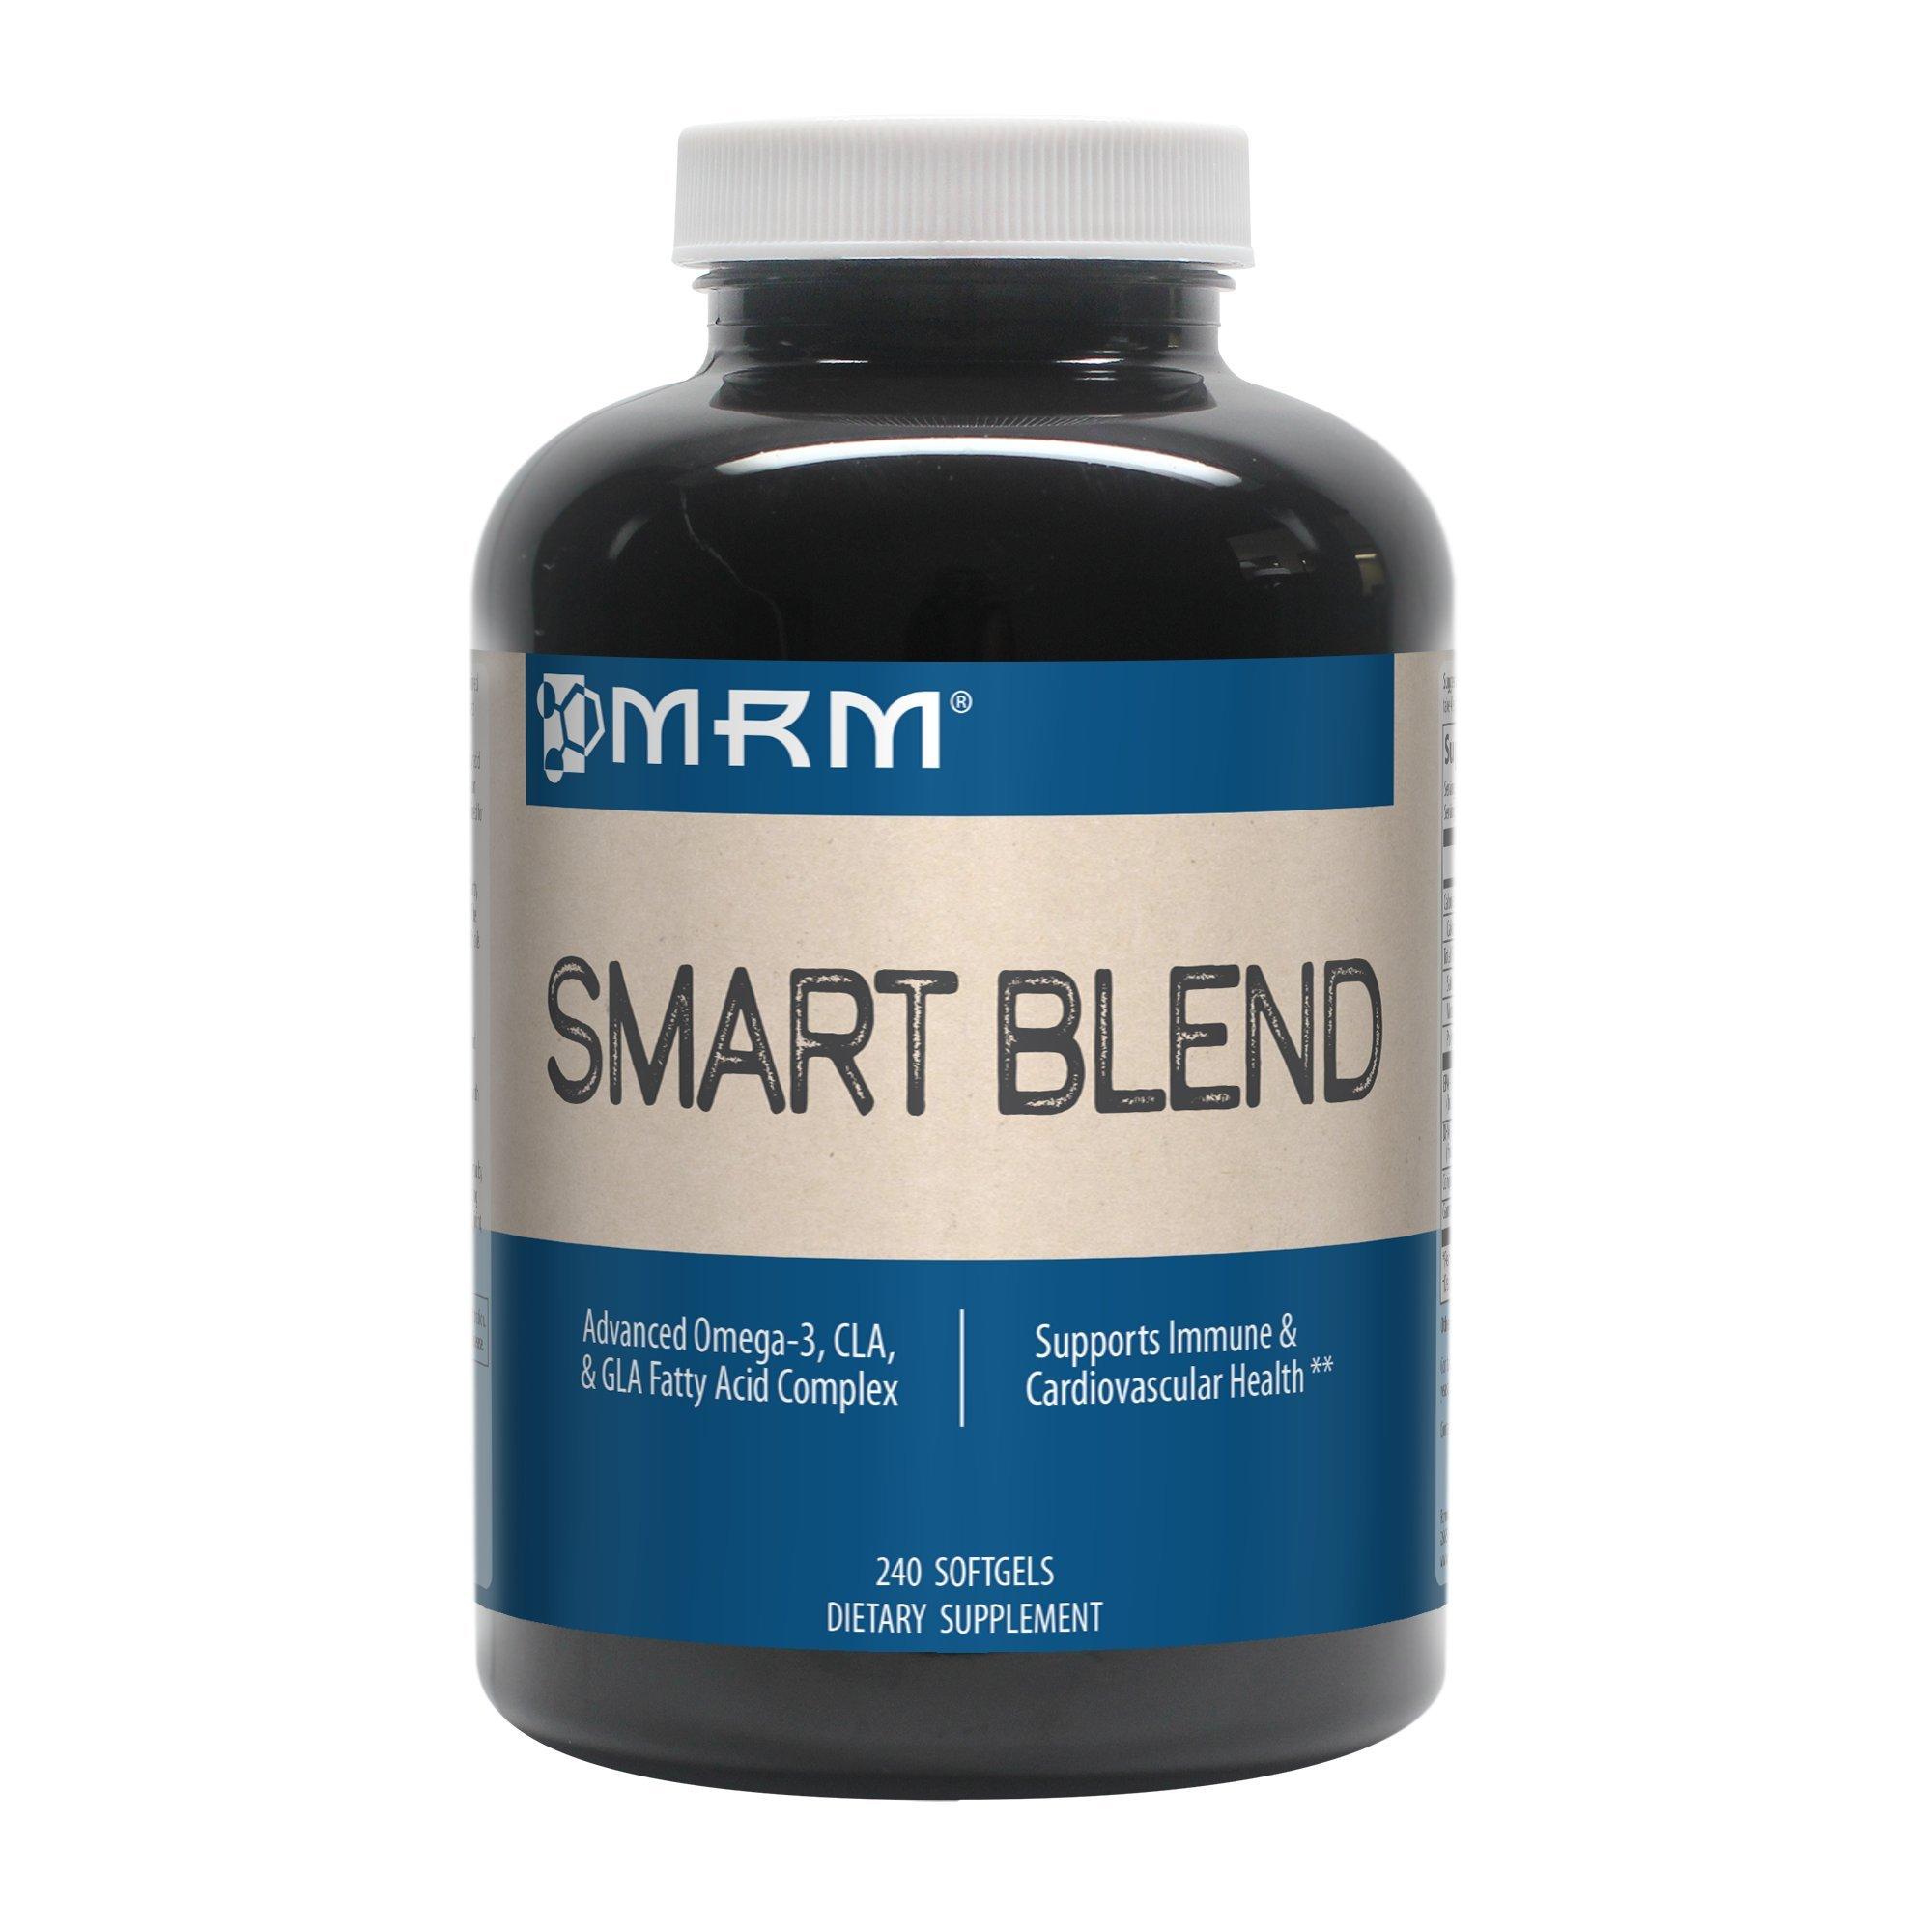 MRM - Smart Blend, Advanced CLA, GLA and Omega Fatty Acid Complex (240 Count Softgels)